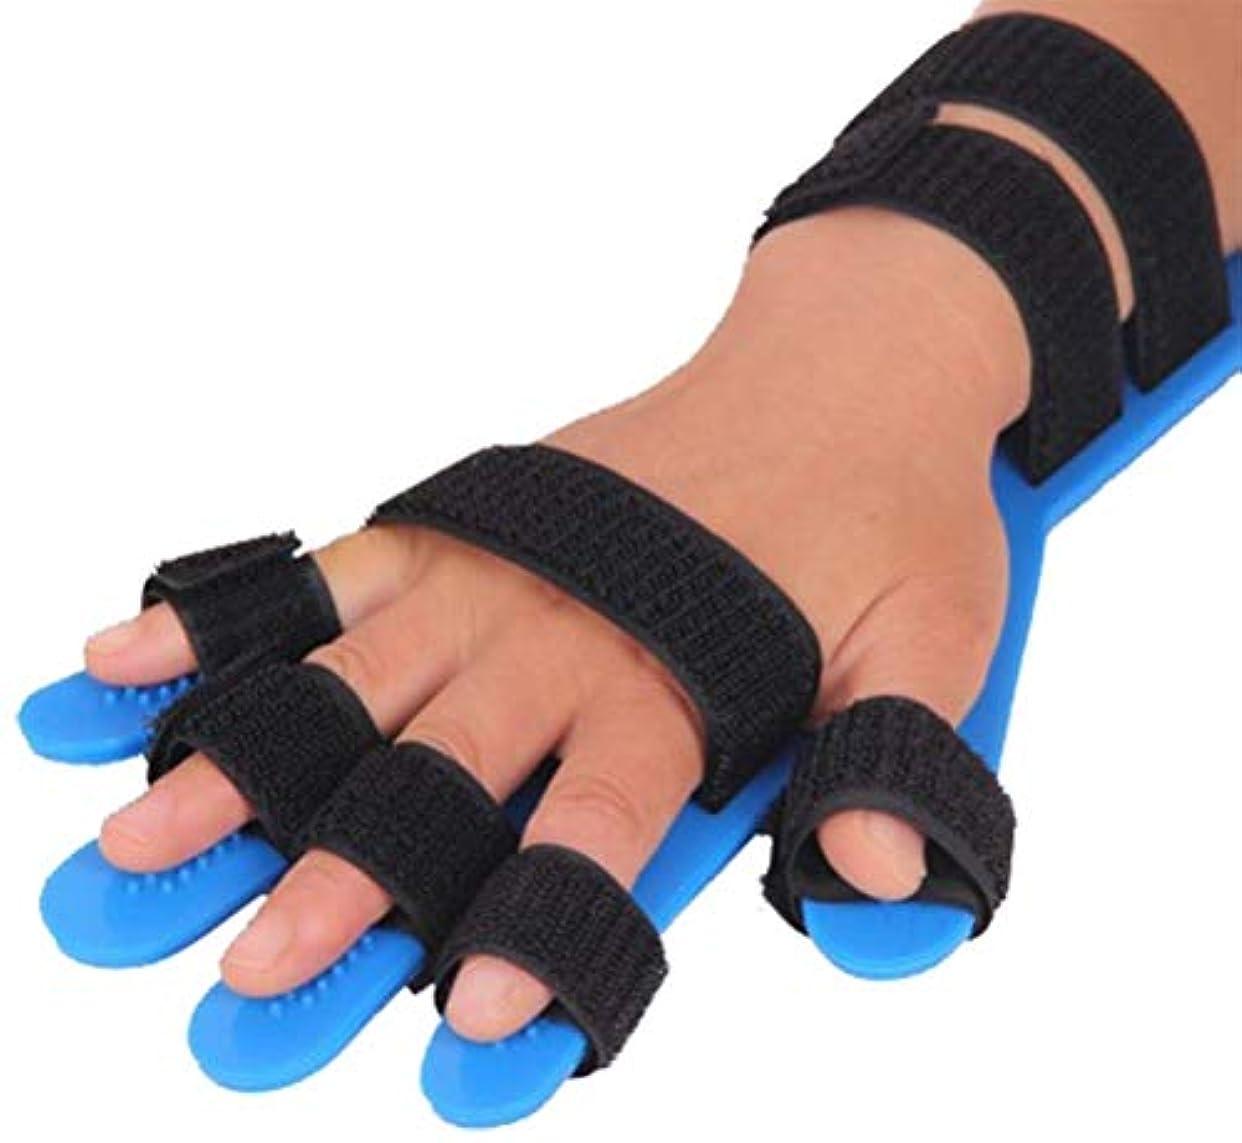 アラビア語些細男らしい指矯正ポイント 指板 手指用ストレッチボード 指の訓練装置 指の添え木指板 指トレーニングボード 左右手通用 調節可能なフィンガー 脳卒中片麻痺患者 手首リハビリテーション訓練装置 強化版